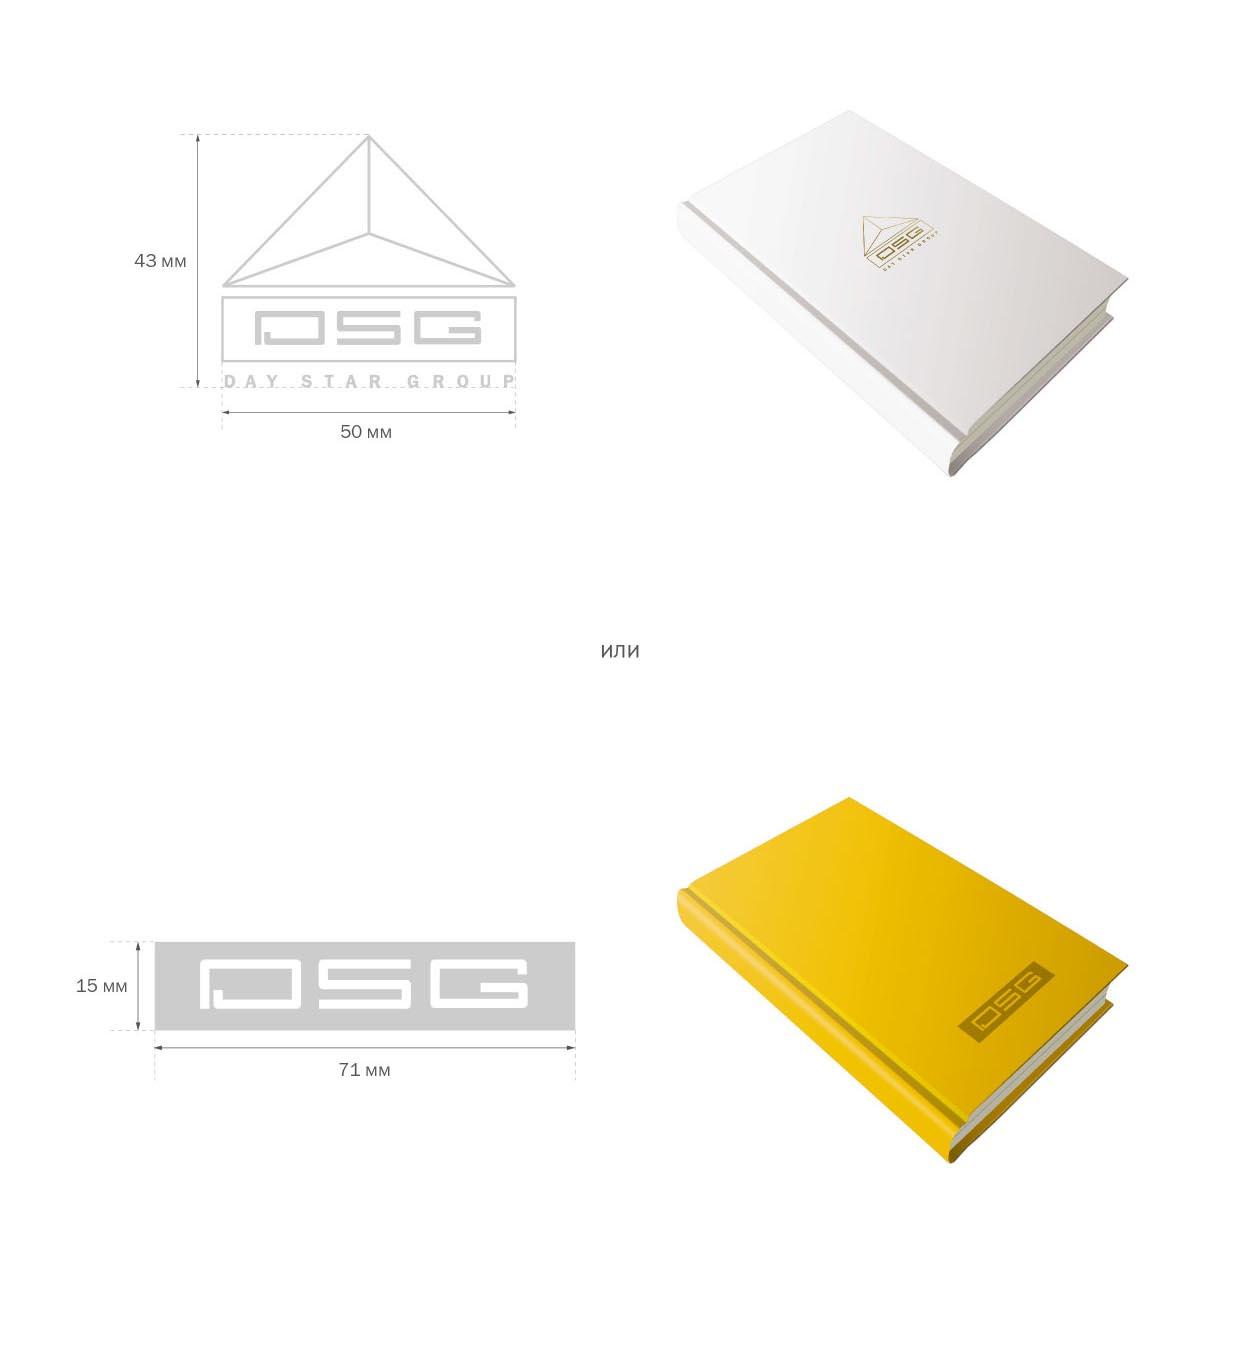 Размещение логотипа на ежедневниках компании DSG